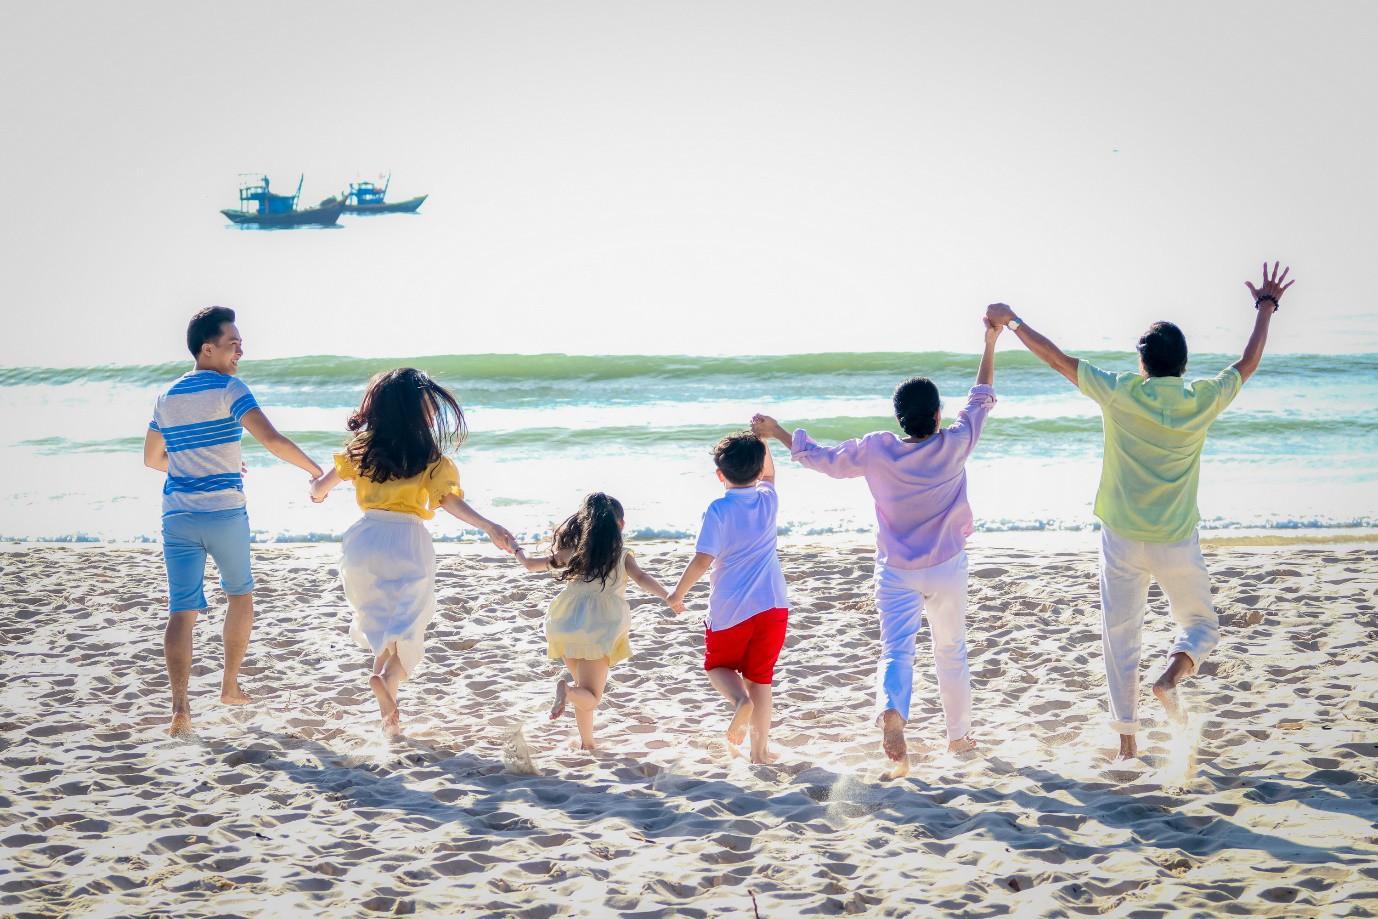 Châu Đăng Khoa dán đầy ảnh du lịch lên người trong MV mới - Ảnh 3.